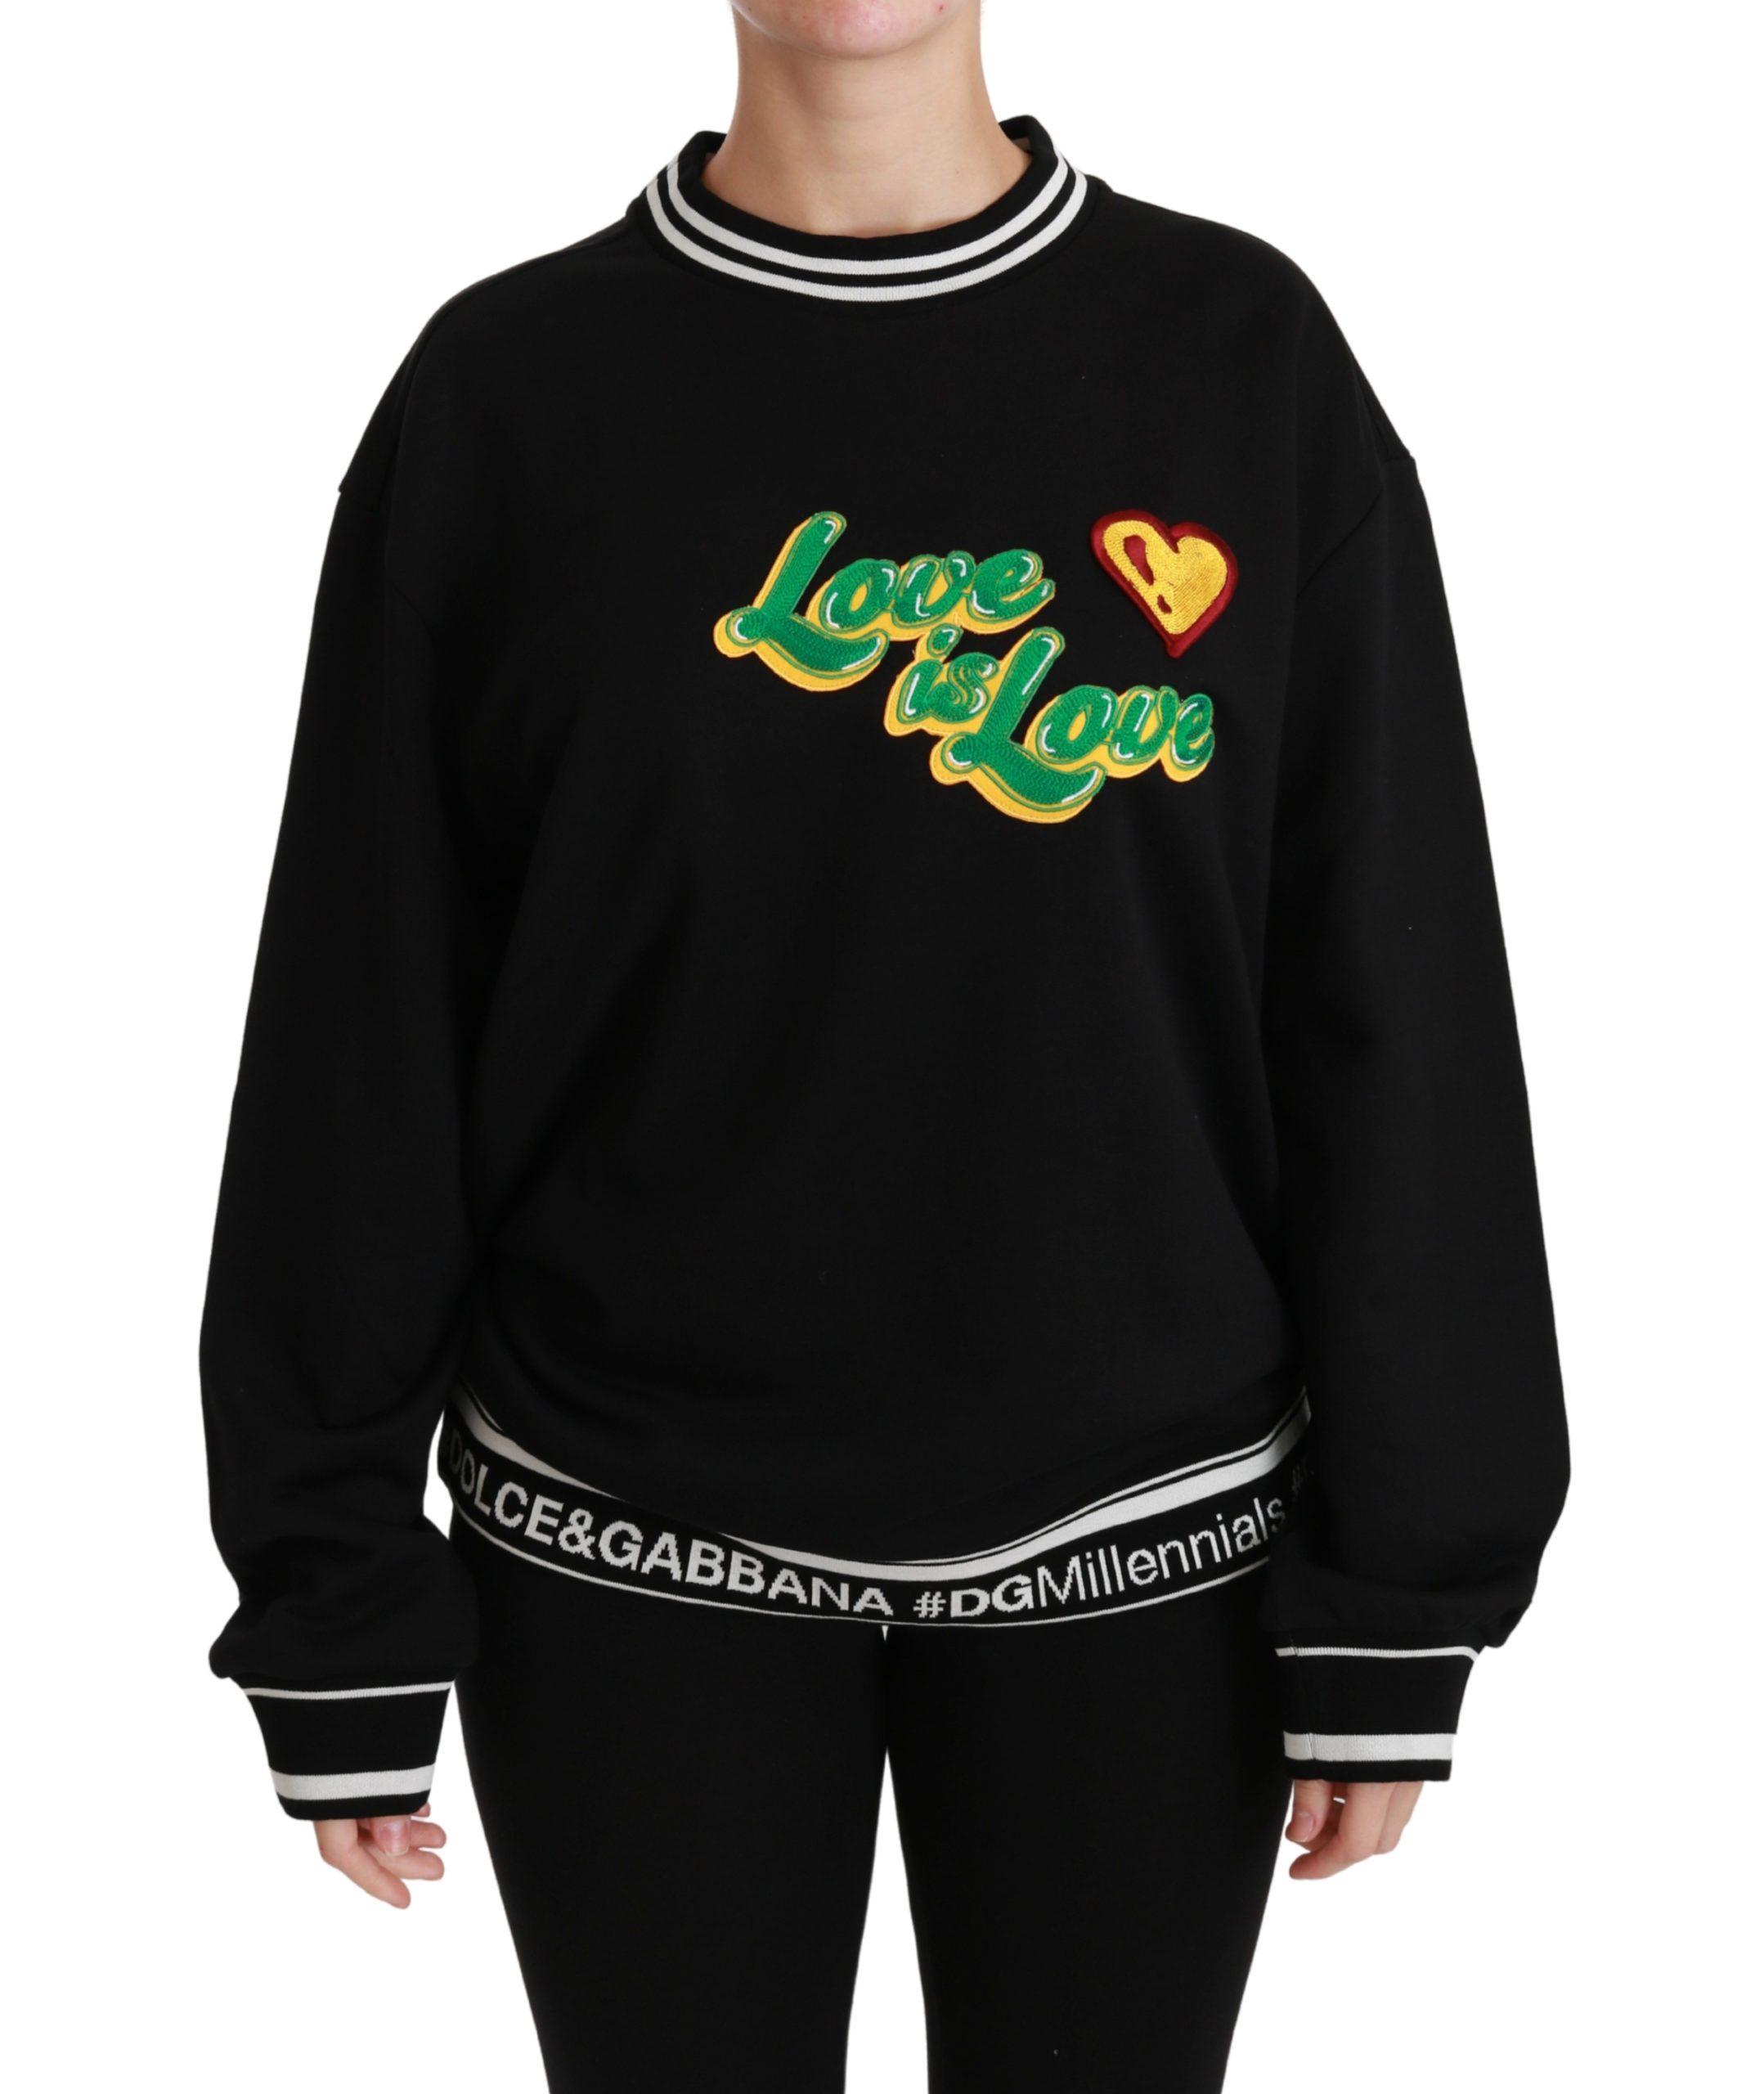 Dolce & Gabbana Women's Love is Love Pullover Top Sweater Black TSH5153 - IT38|XS